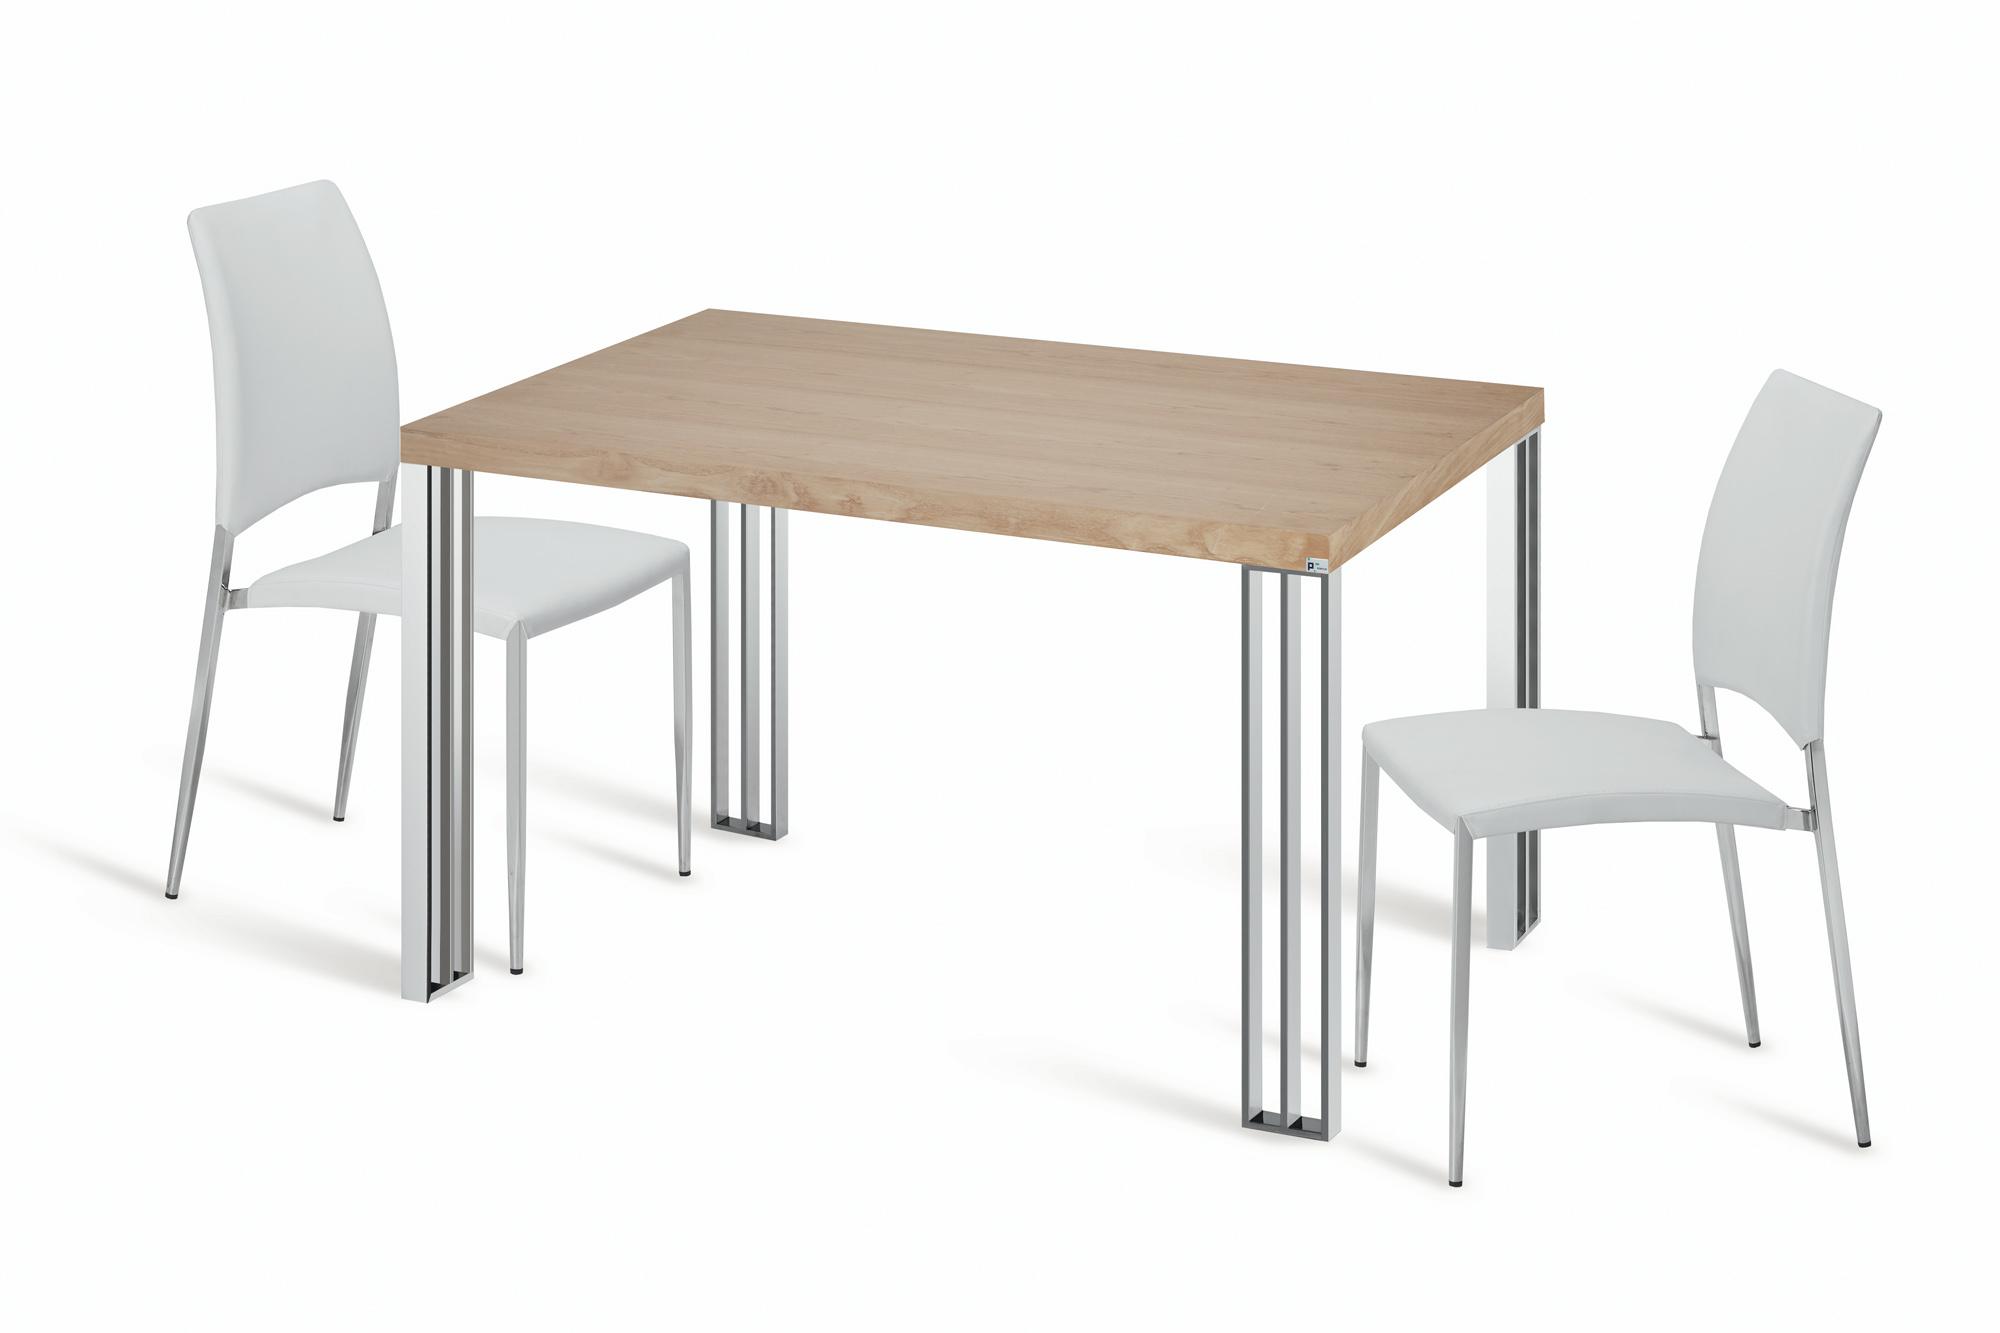 FUSION - A mesa de cozinha que se funde com a sua cozinha…. Os materiais e acabamentos foram escolhidos para esta coleção de mesas de cozinha a partir das cozinhas mais modernas e requintadas. Esta coleção de mesas e cadeiras de cozinha vai permitir elevar a sua cozinha a um outro nível de elegância e conforto.